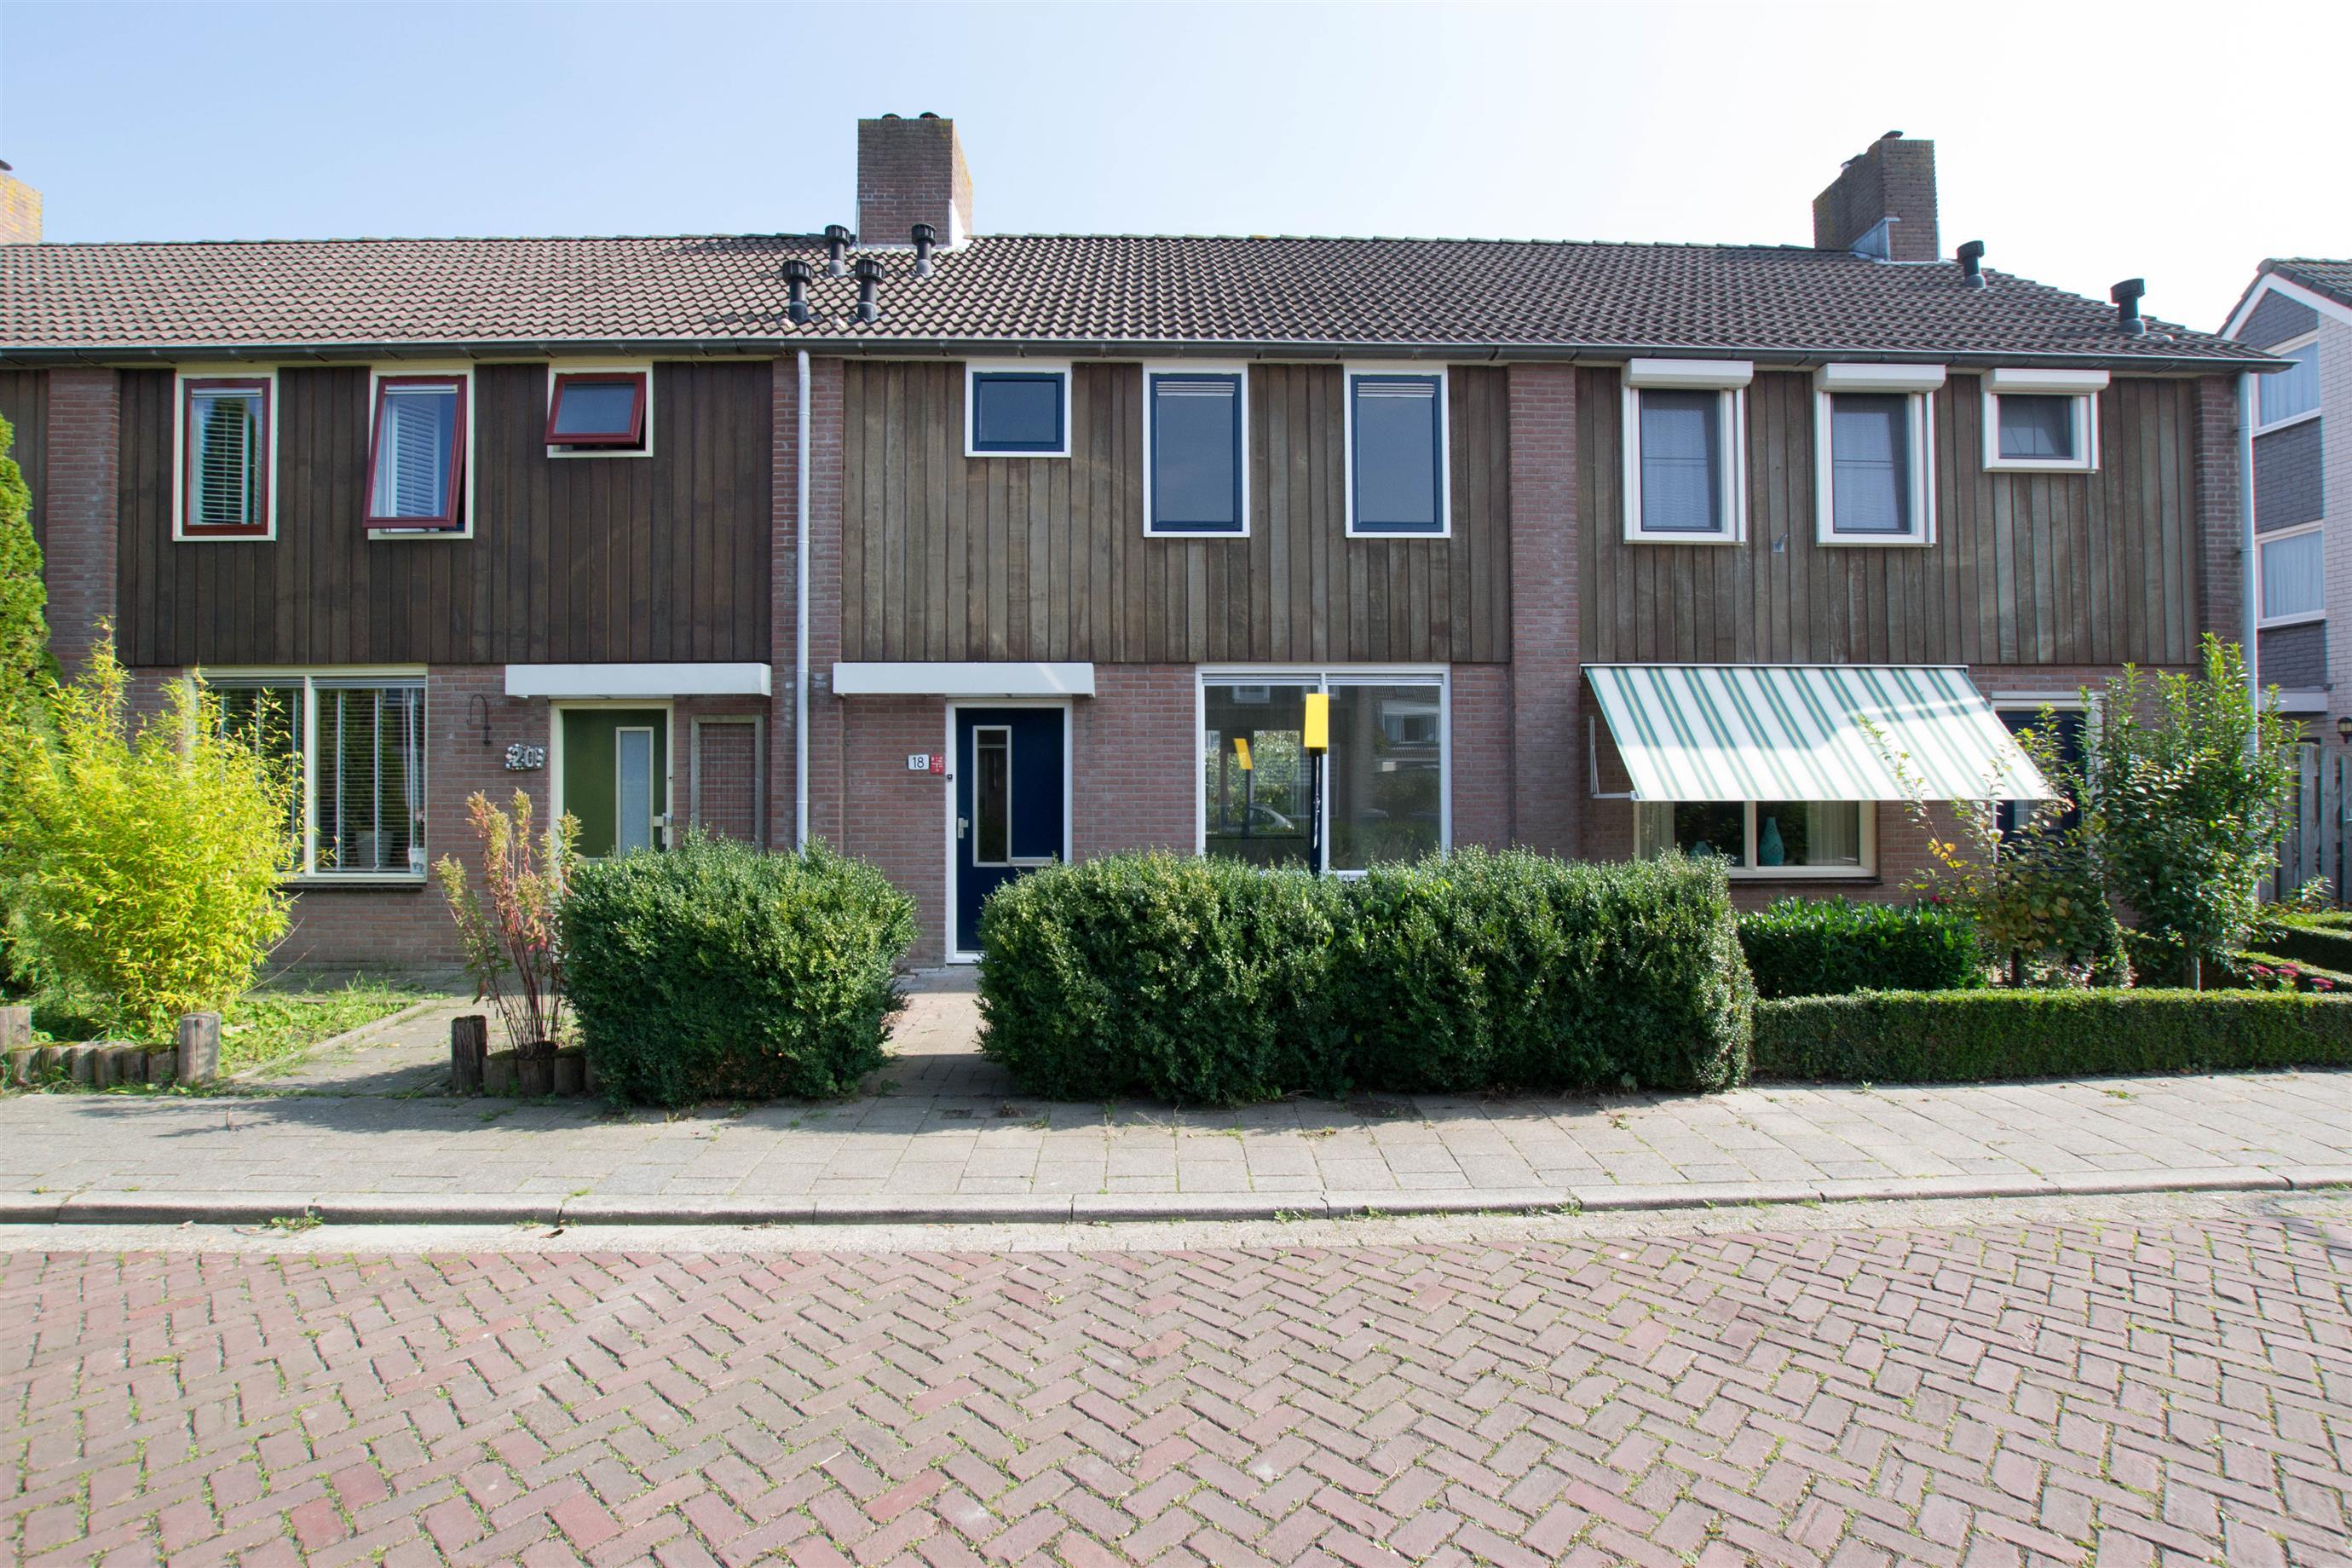 Burgemeester C Koertstraat 18